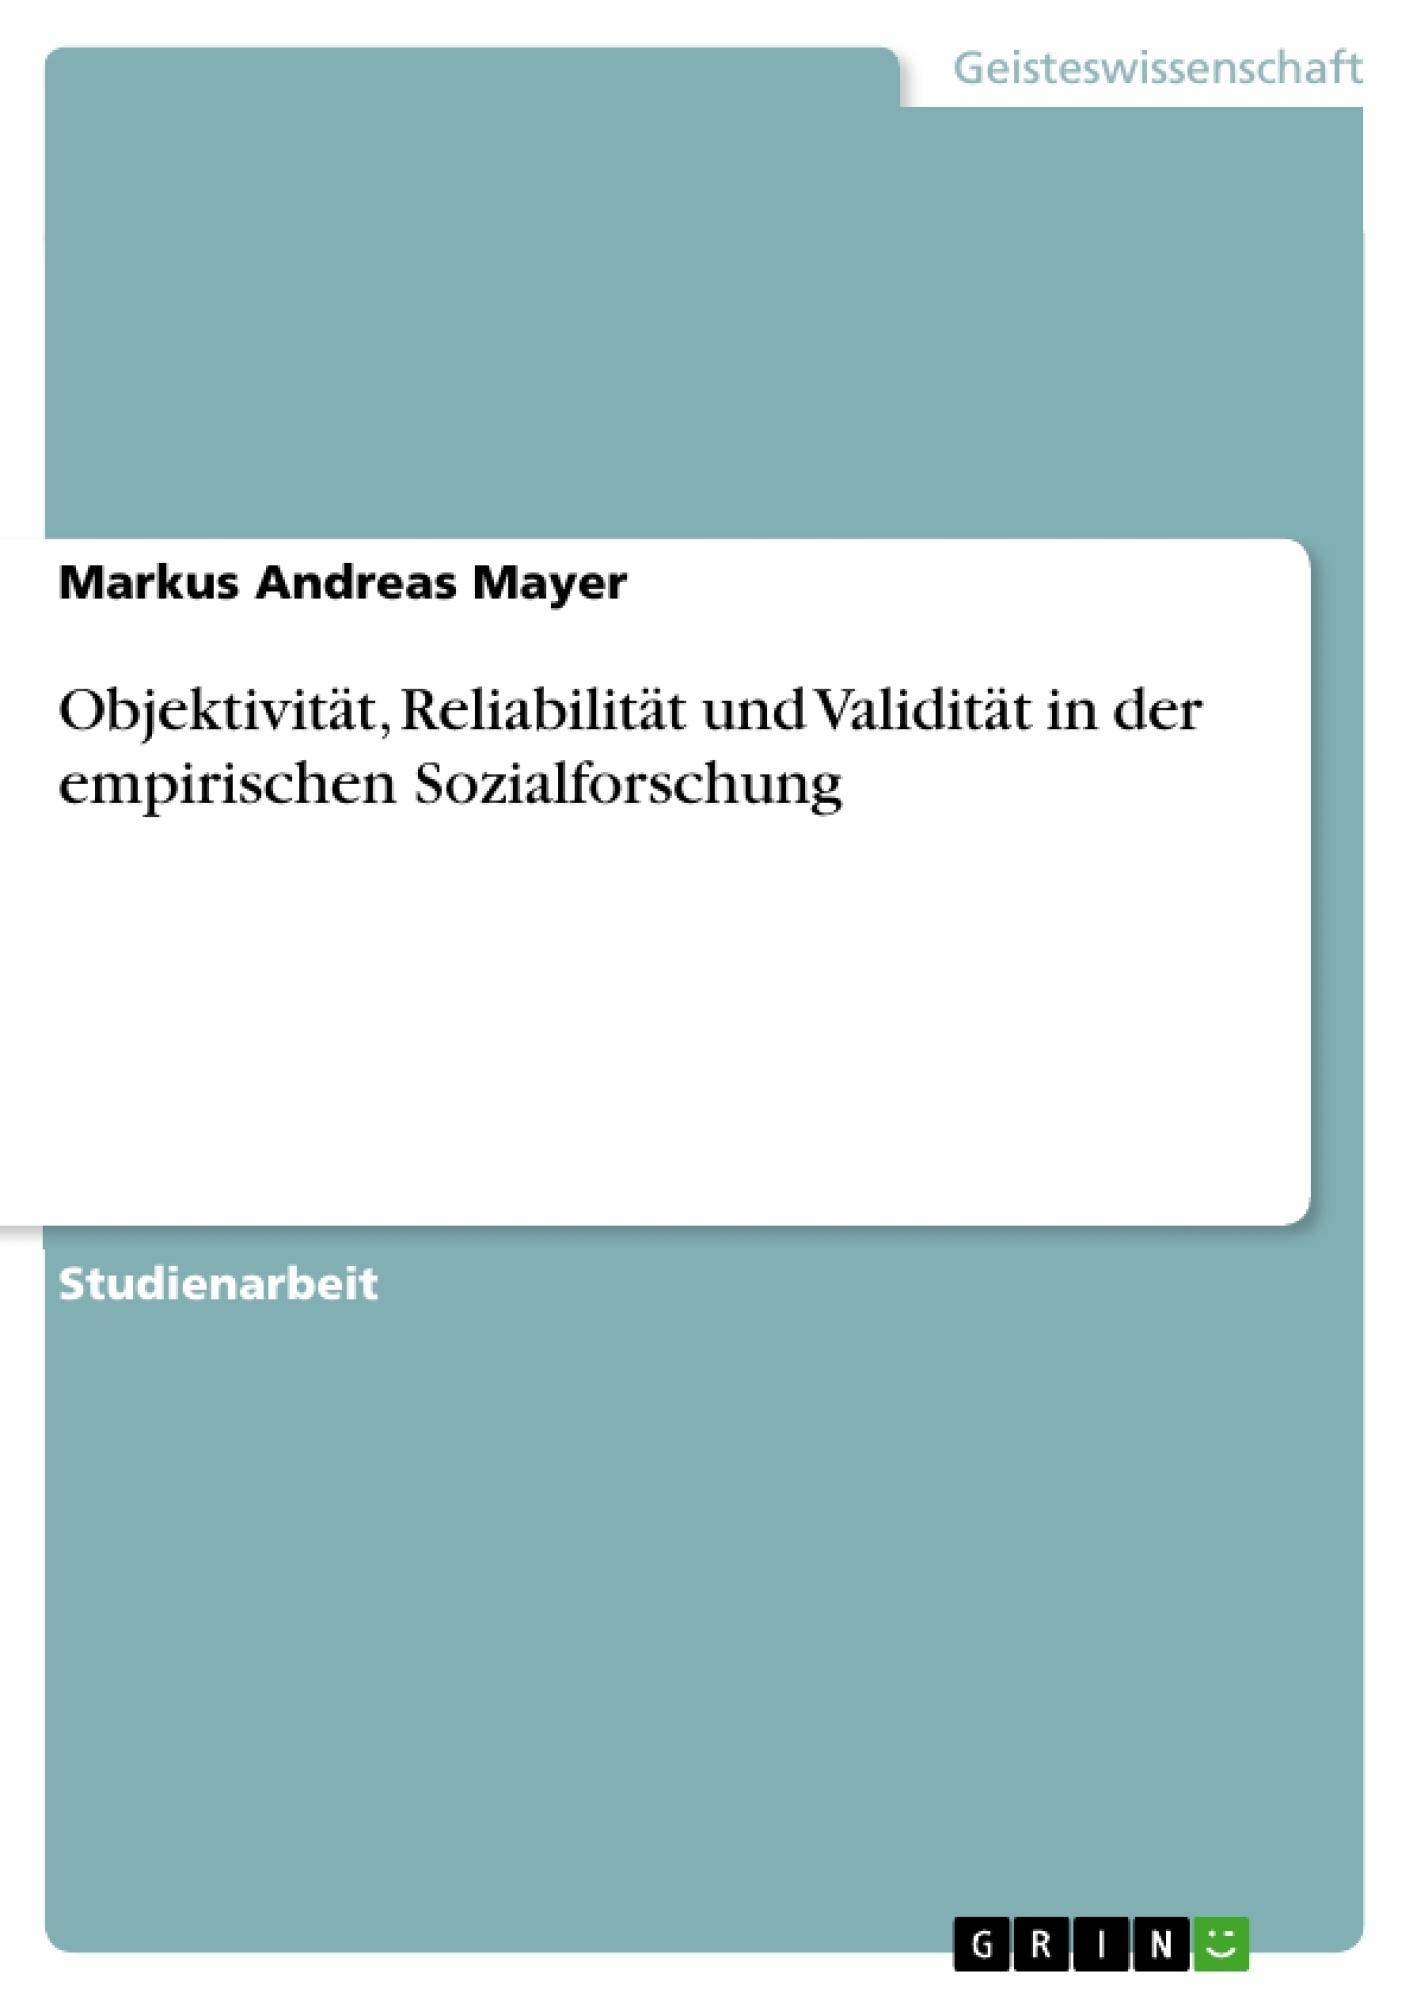 Titel: Objektivität, Reliabilität und Validität  in der empirischen Sozialforschung